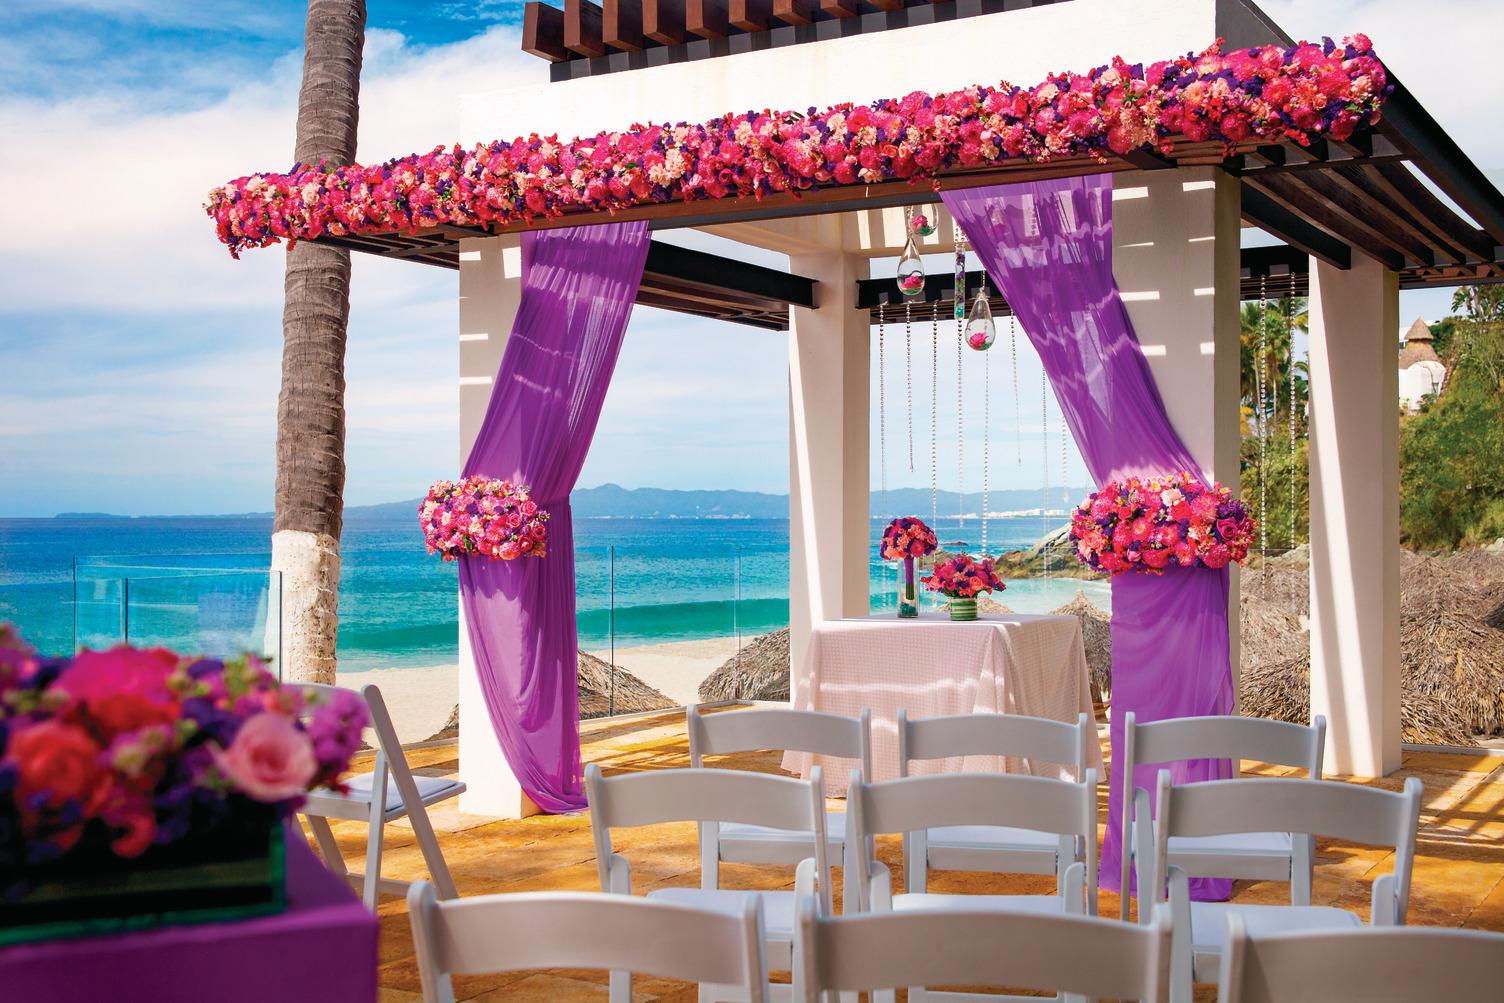 Hyatt-Ziva-Puerto-Vallarta-Wedding-Gazebo-Deatiled.jpg